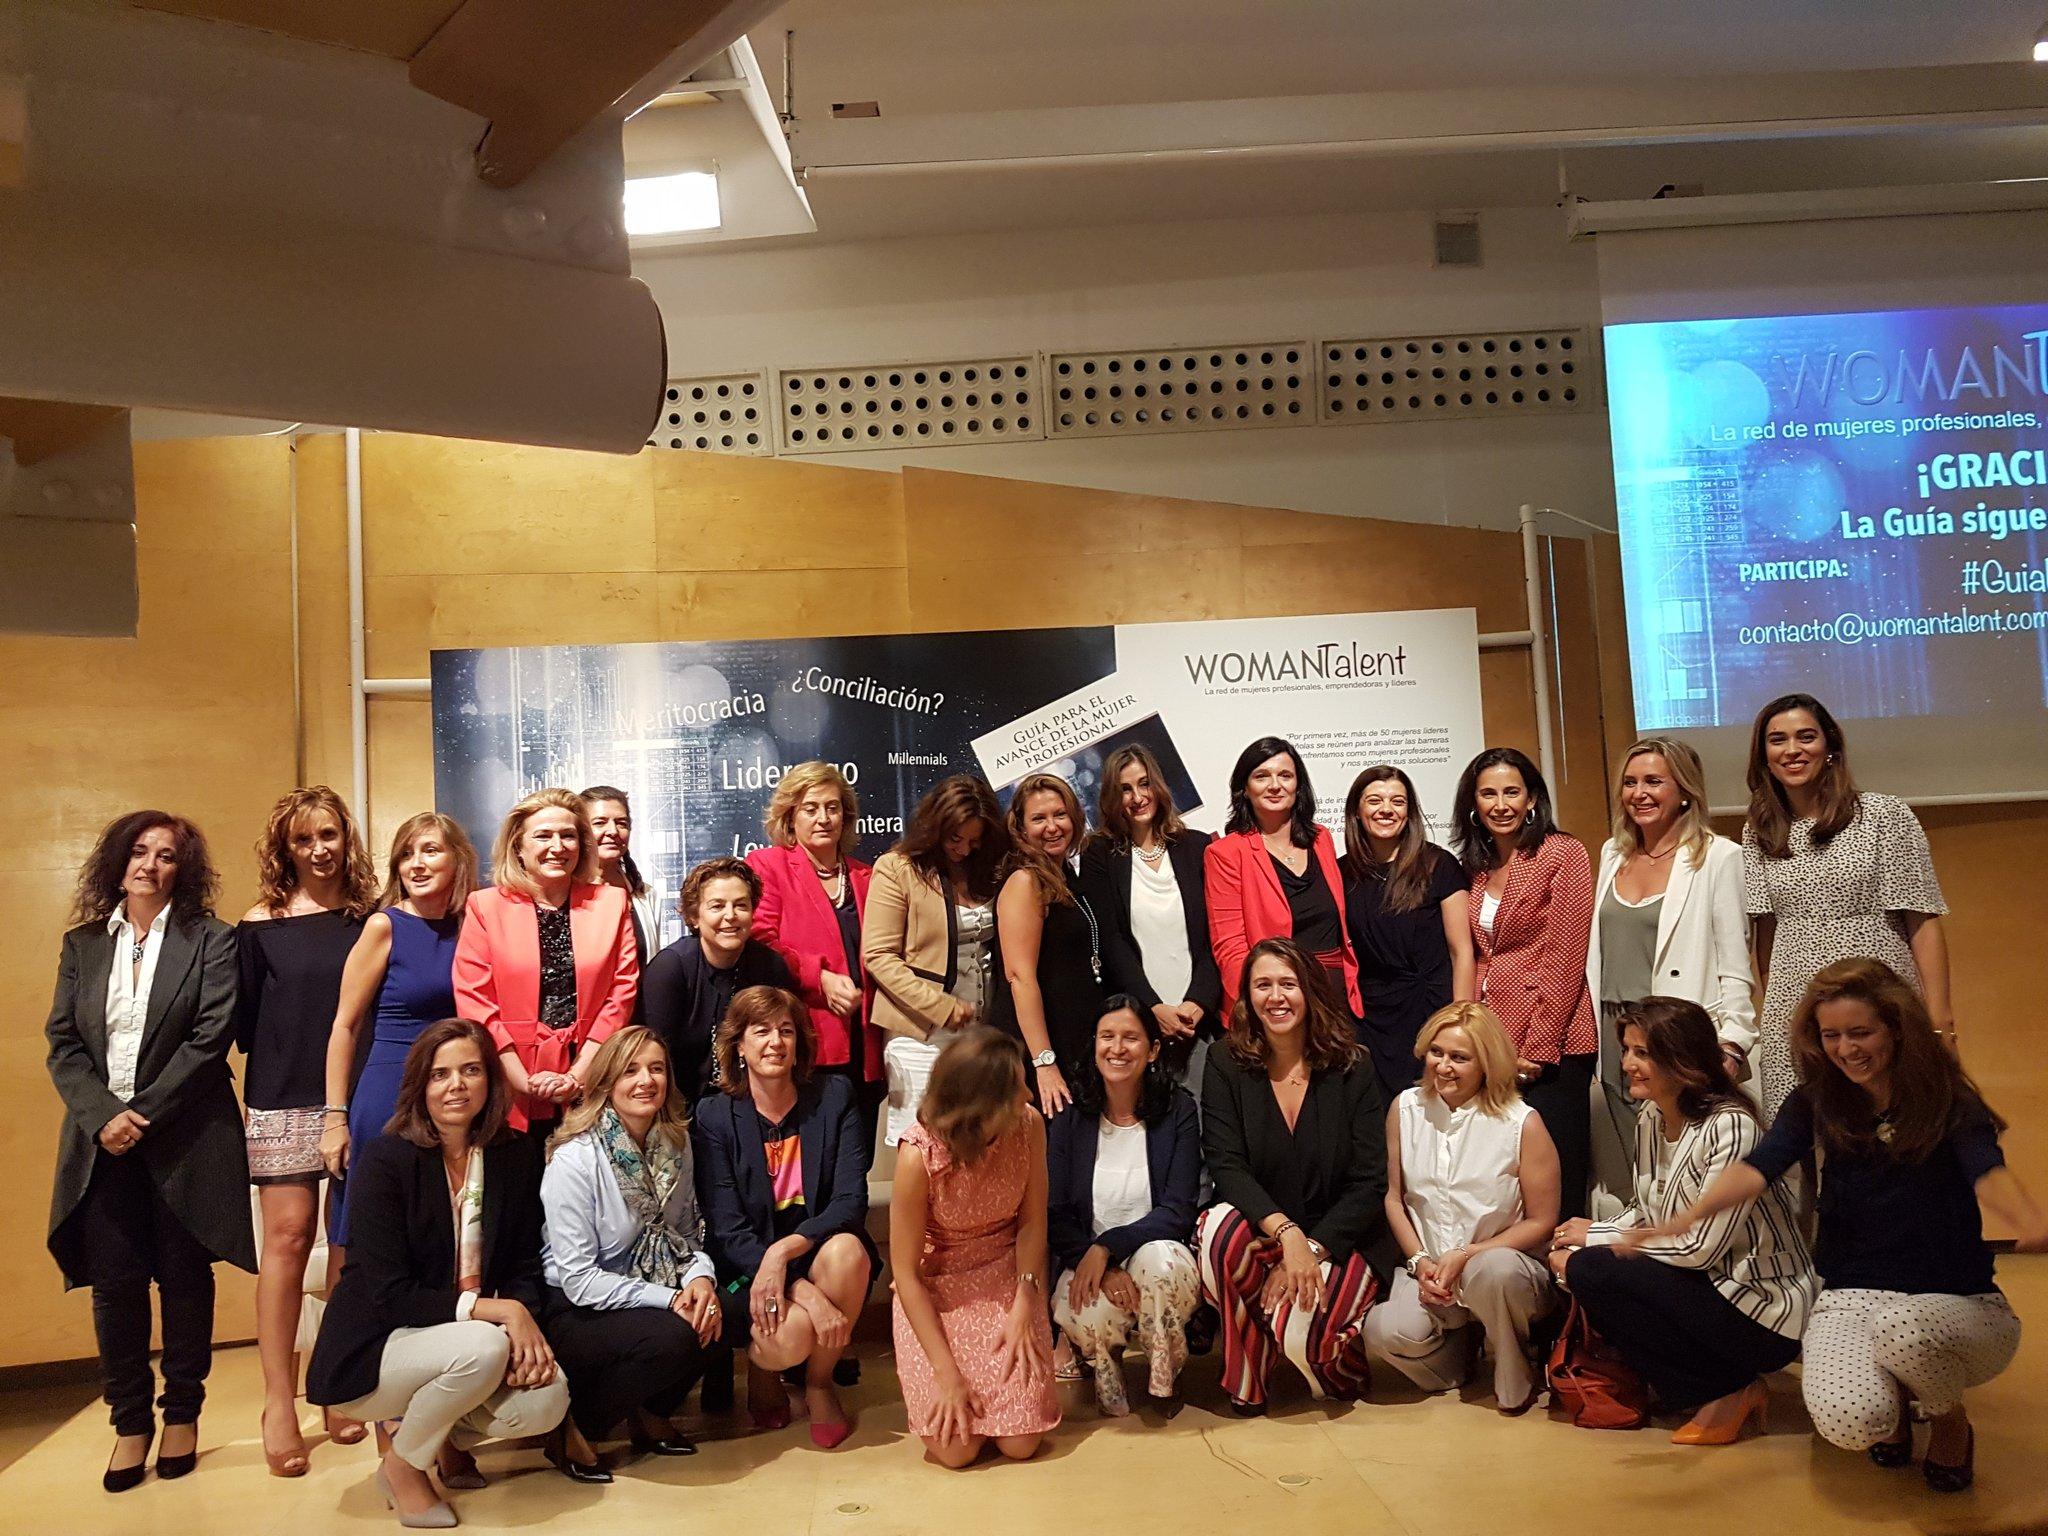 Presentación de la guía WomanTalent para el avance de la mujer profesional